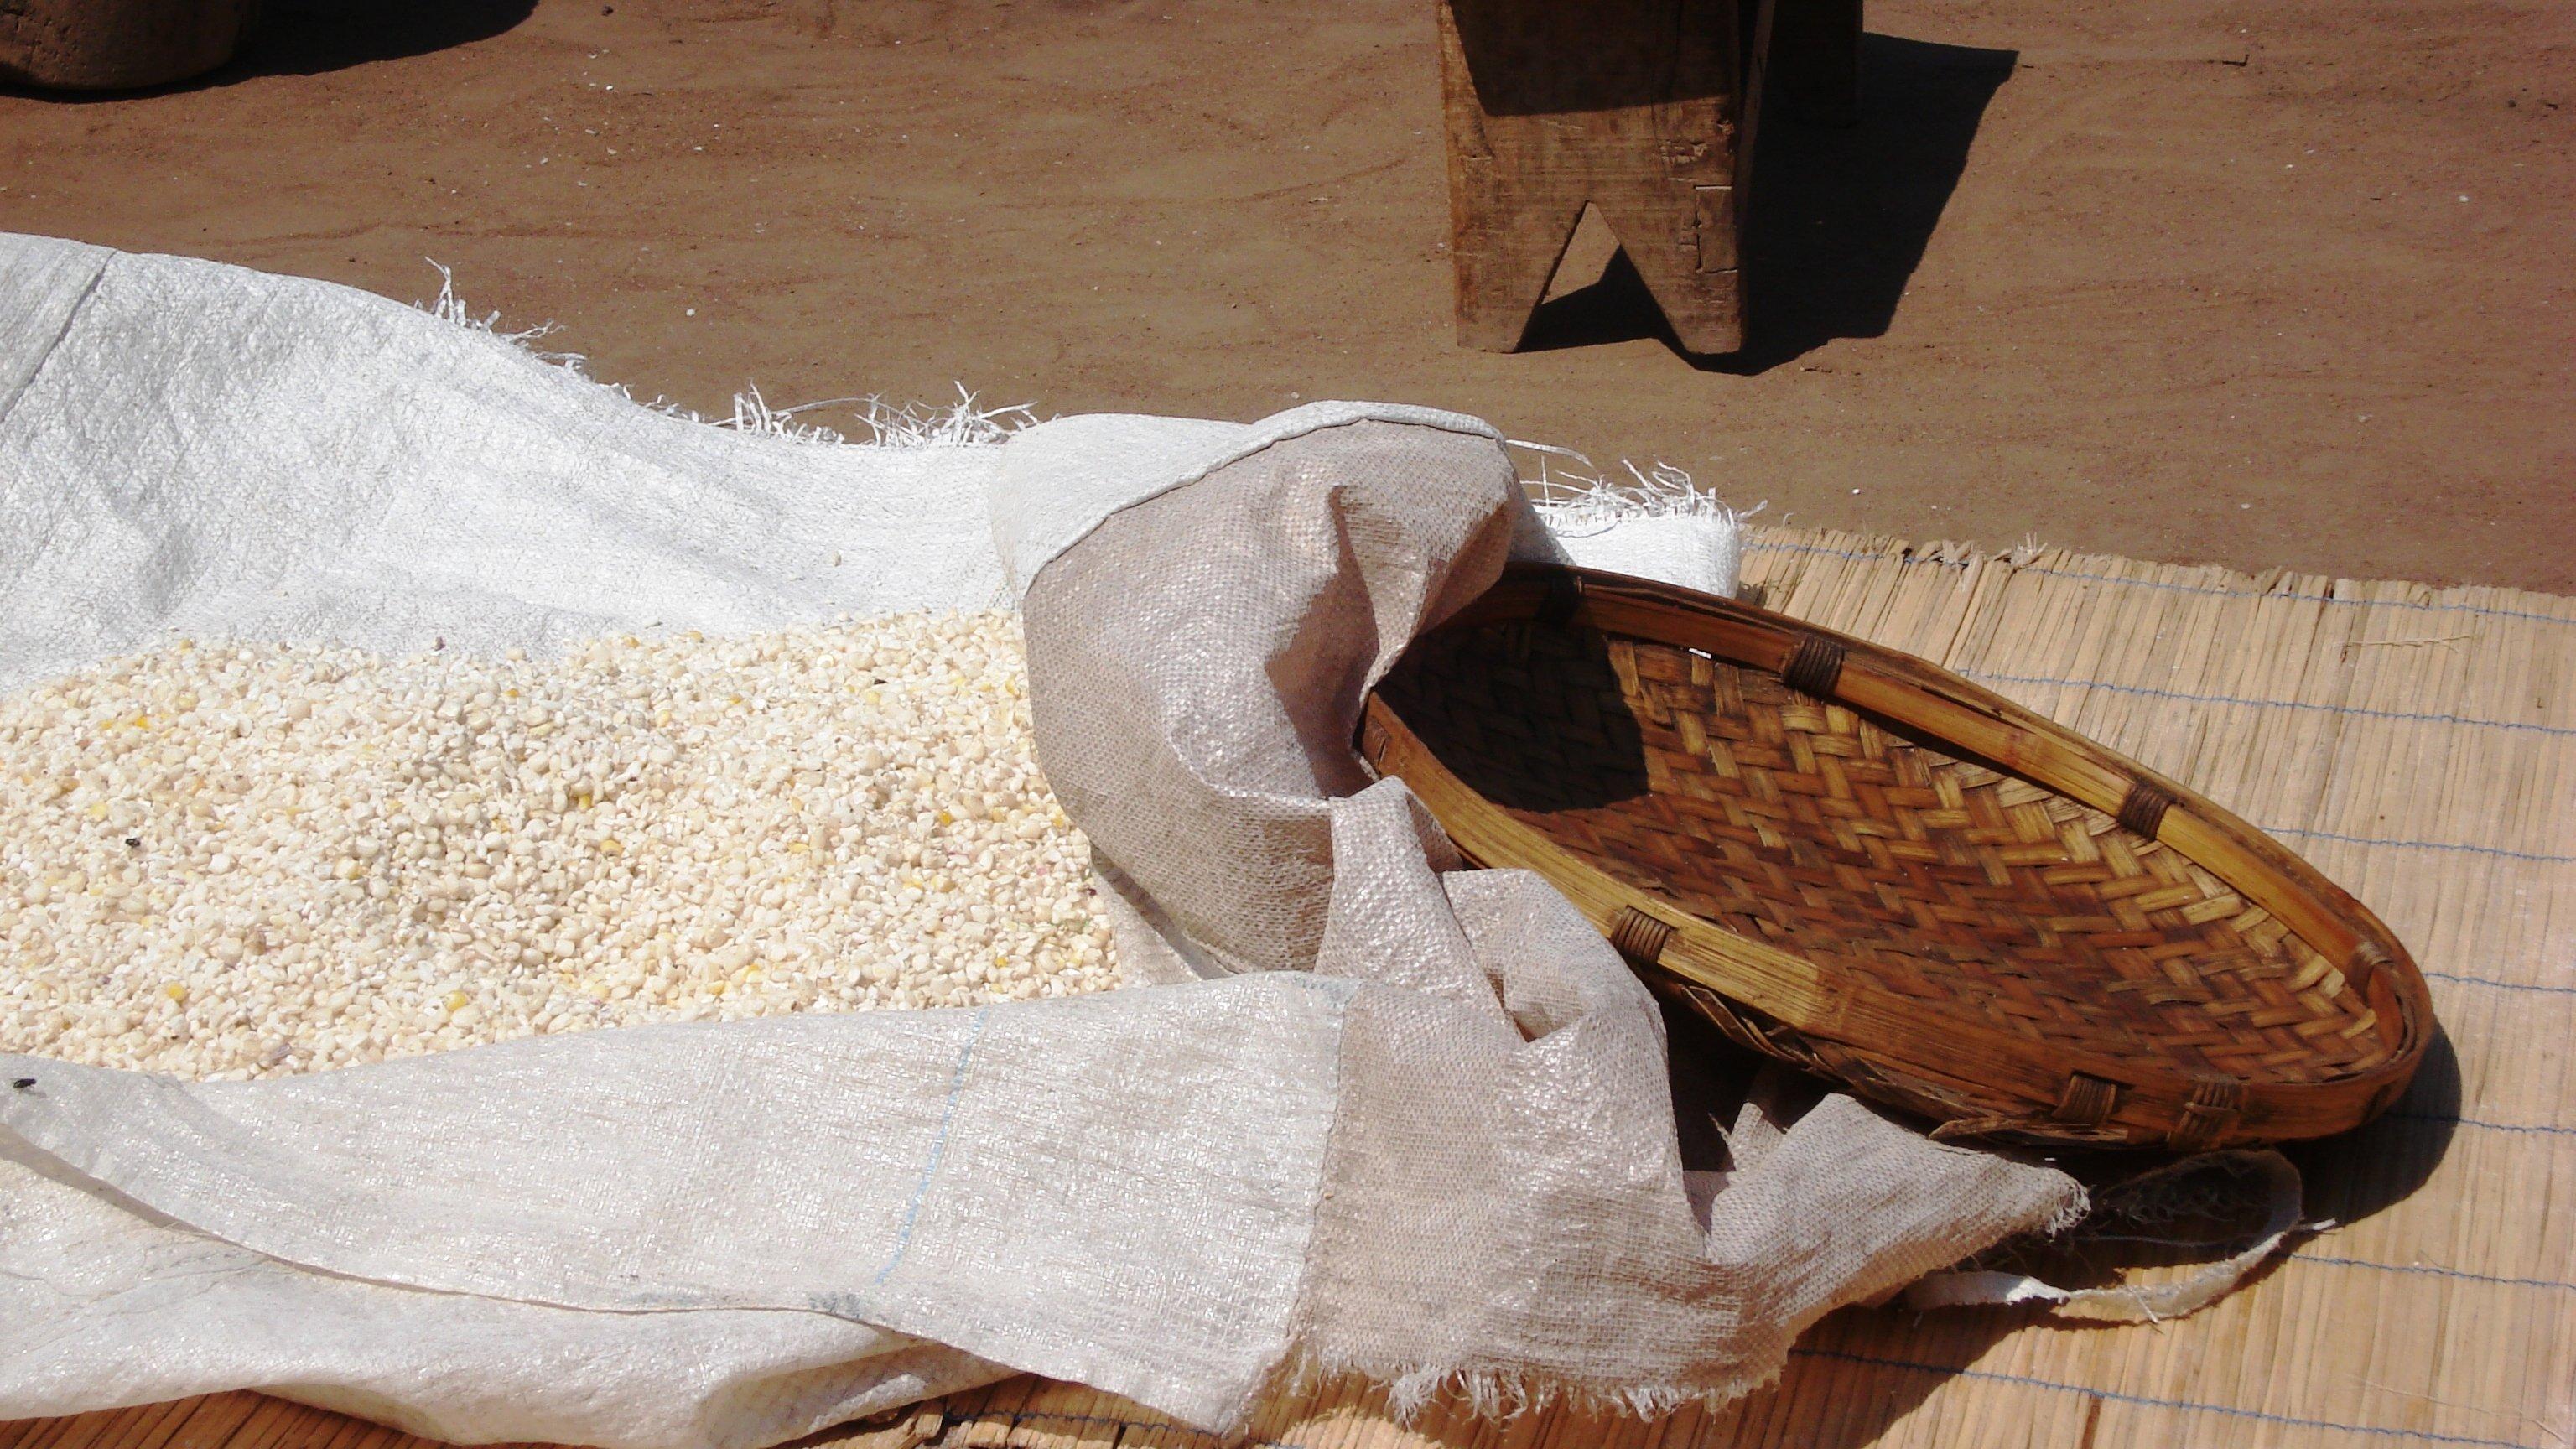 Das Bild zeigt frisch geernteten Mais, der auf einer Plane auf dem Boden liegt, daneben ein Korb und ein Schemel.